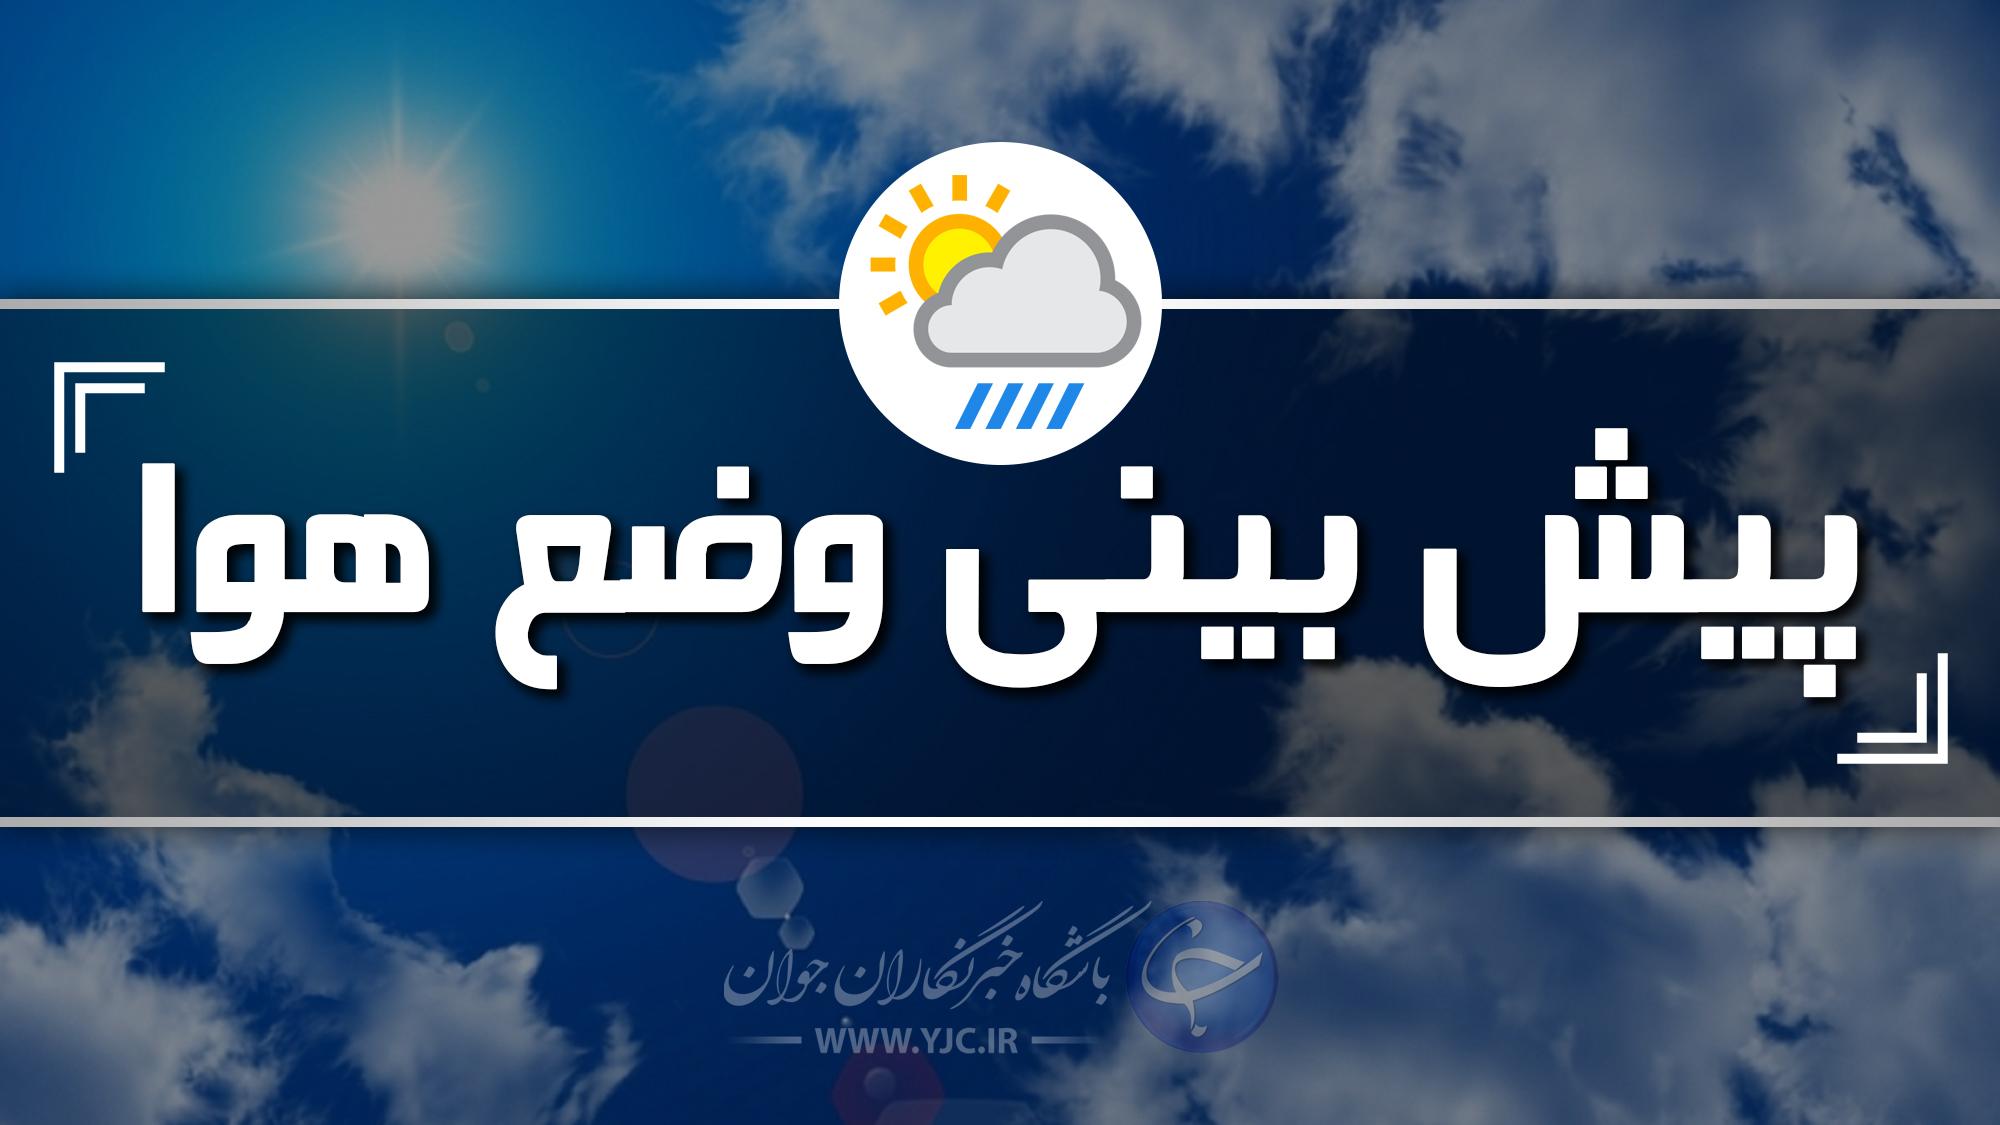 تداوم بارش باران در کردستان/وزش باد شدید همچنان ادامه دارد